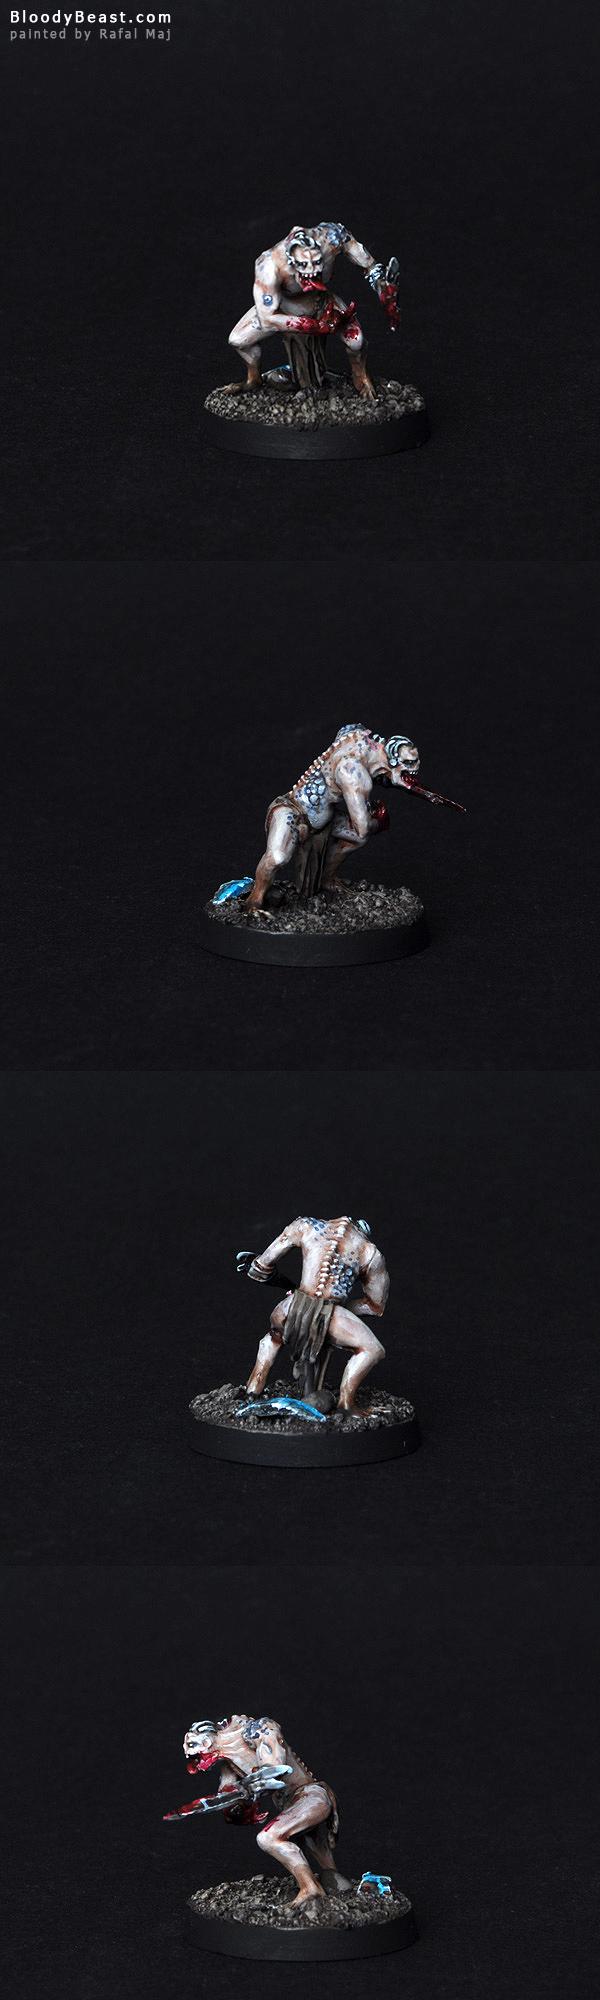 Borgo Claw painted by Rafal Maj (BloodyBeast.com)